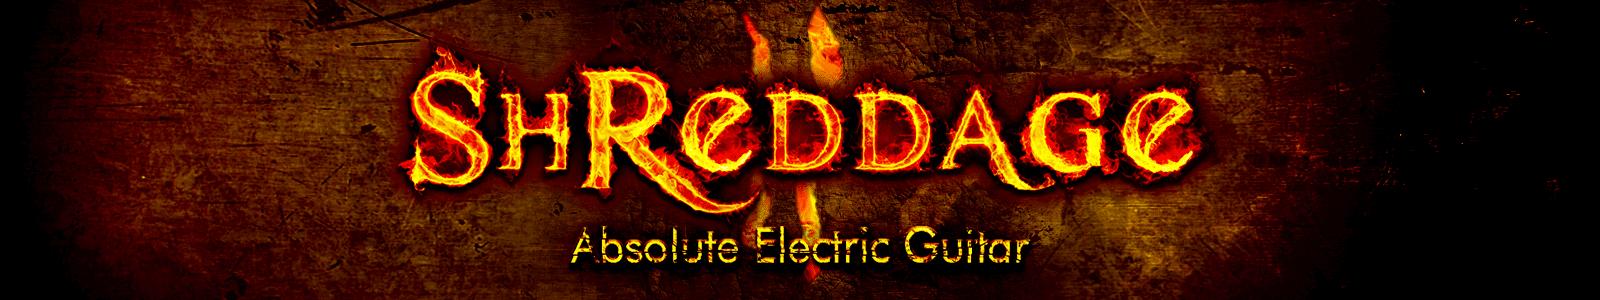 shreddage 2 absolute electric guitar vst au aax. Black Bedroom Furniture Sets. Home Design Ideas